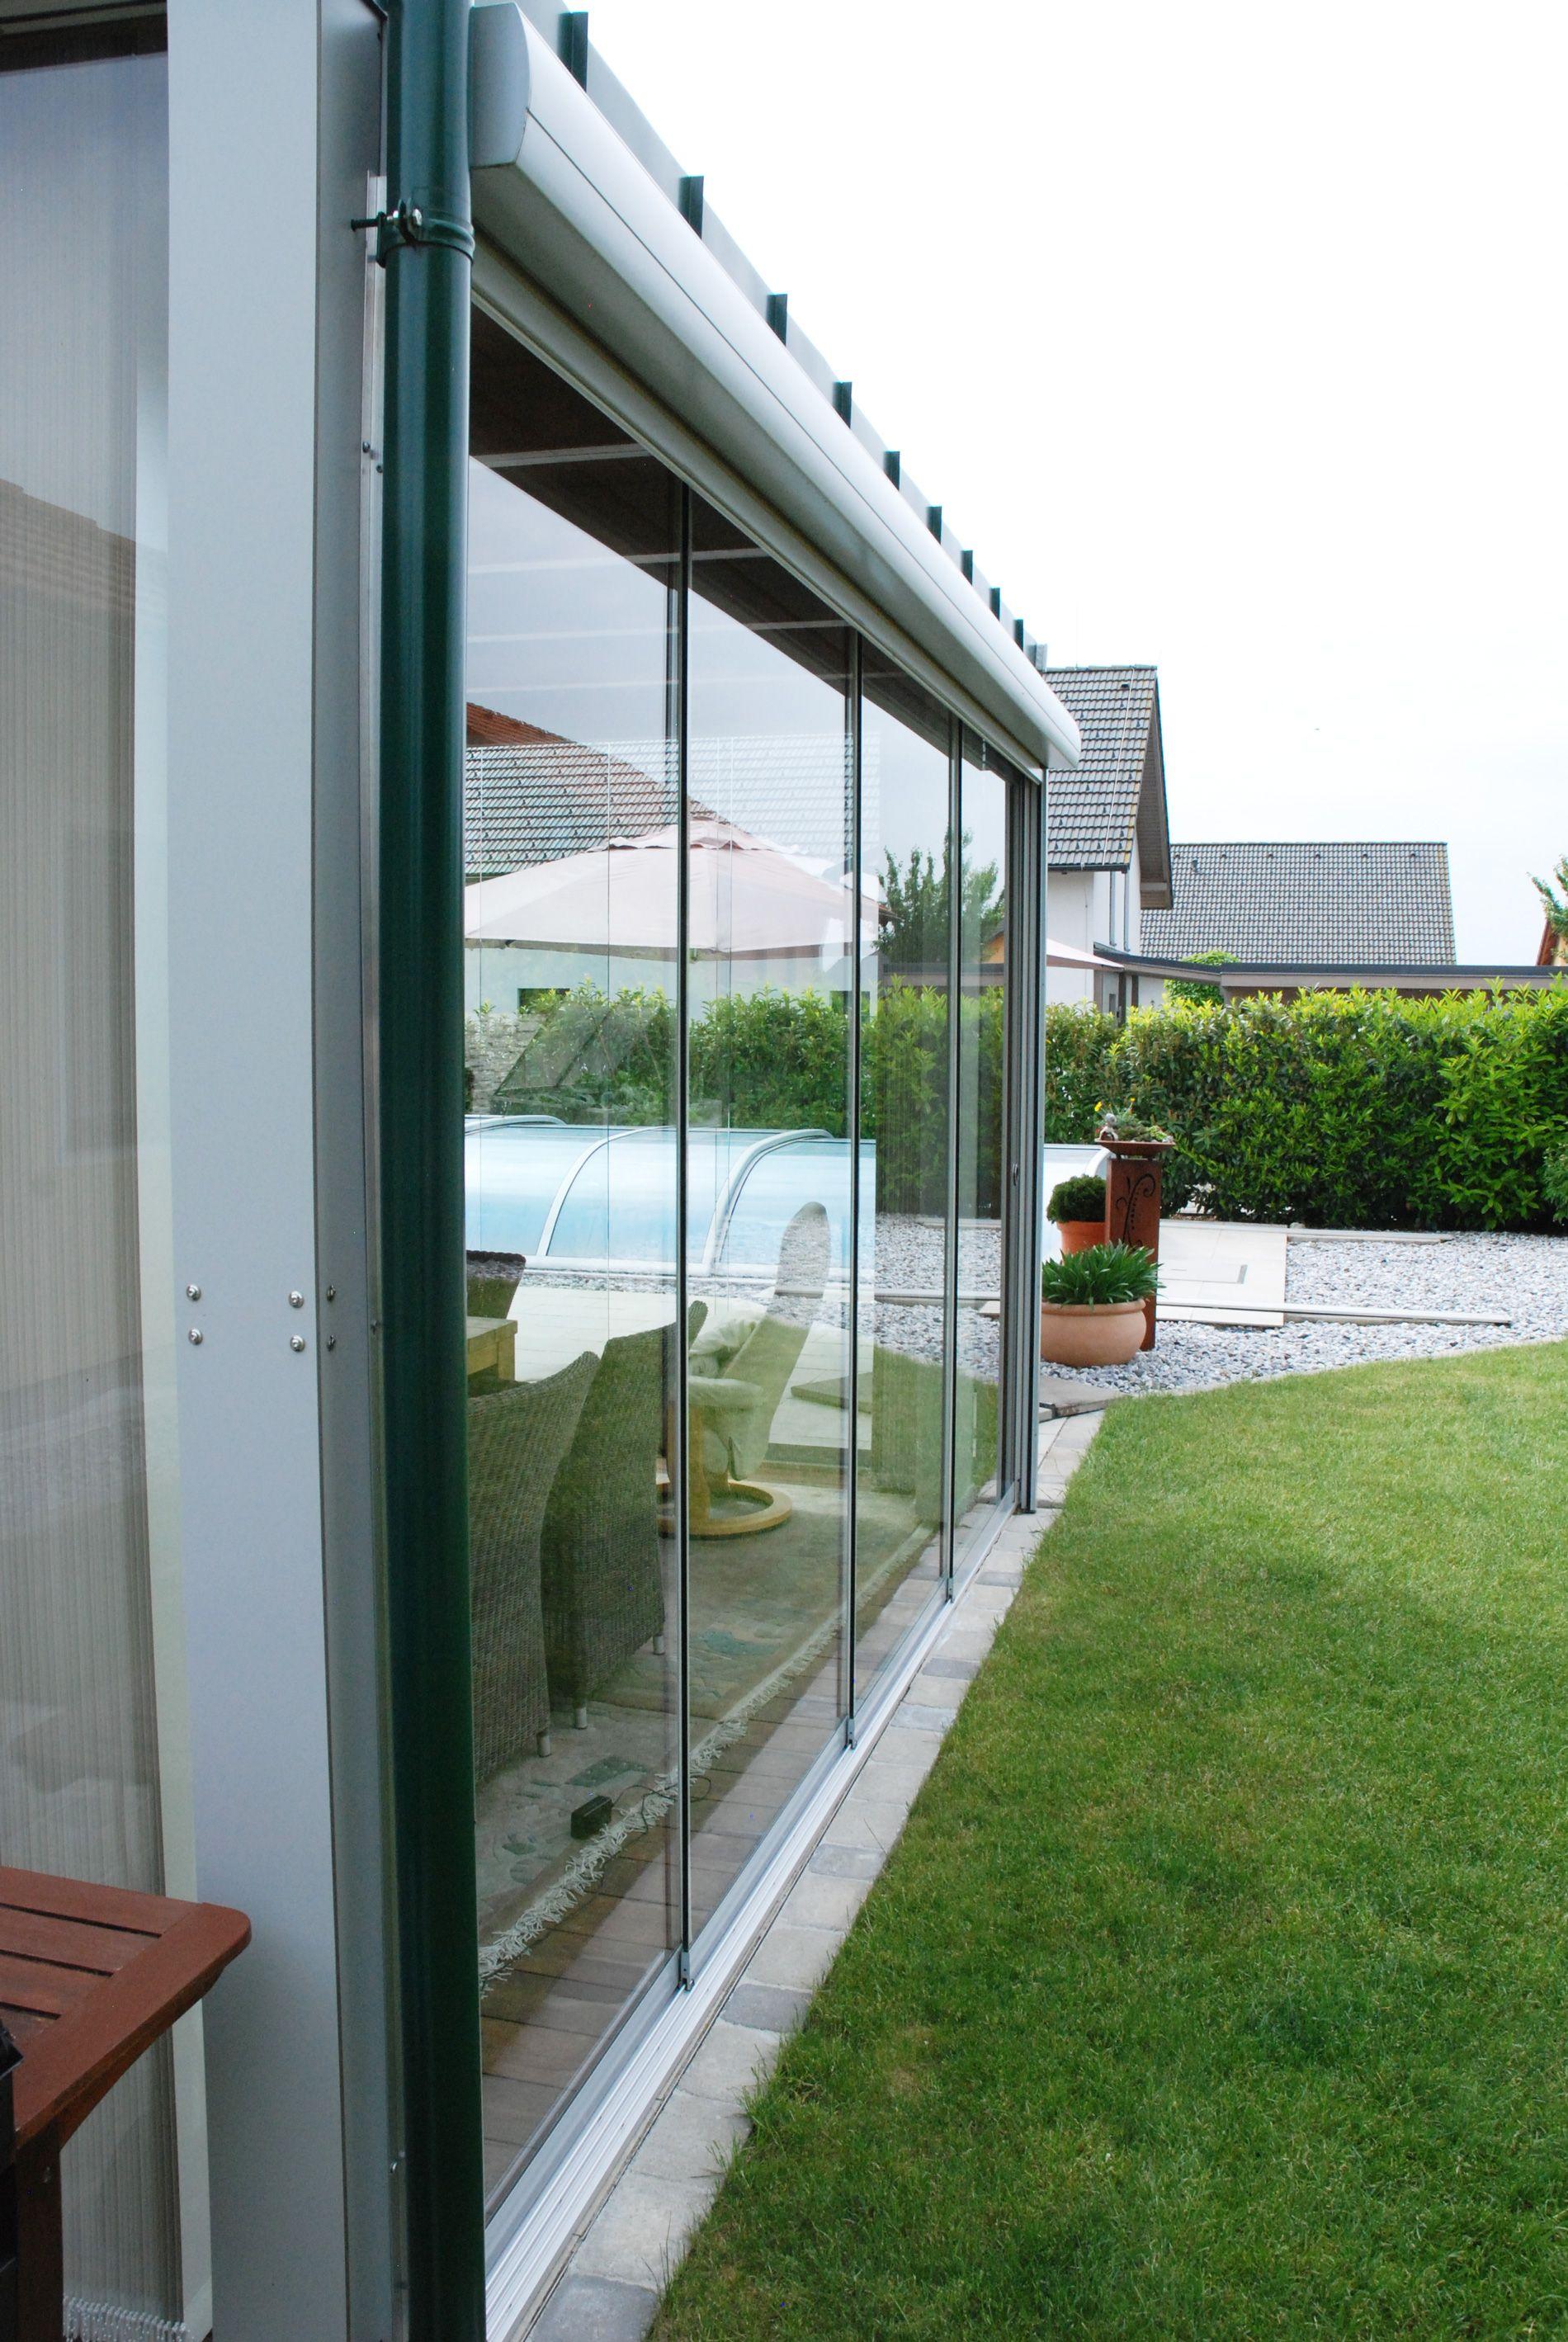 Wintergarten Anbau Windschutz Fur Terrasse Verglasungen